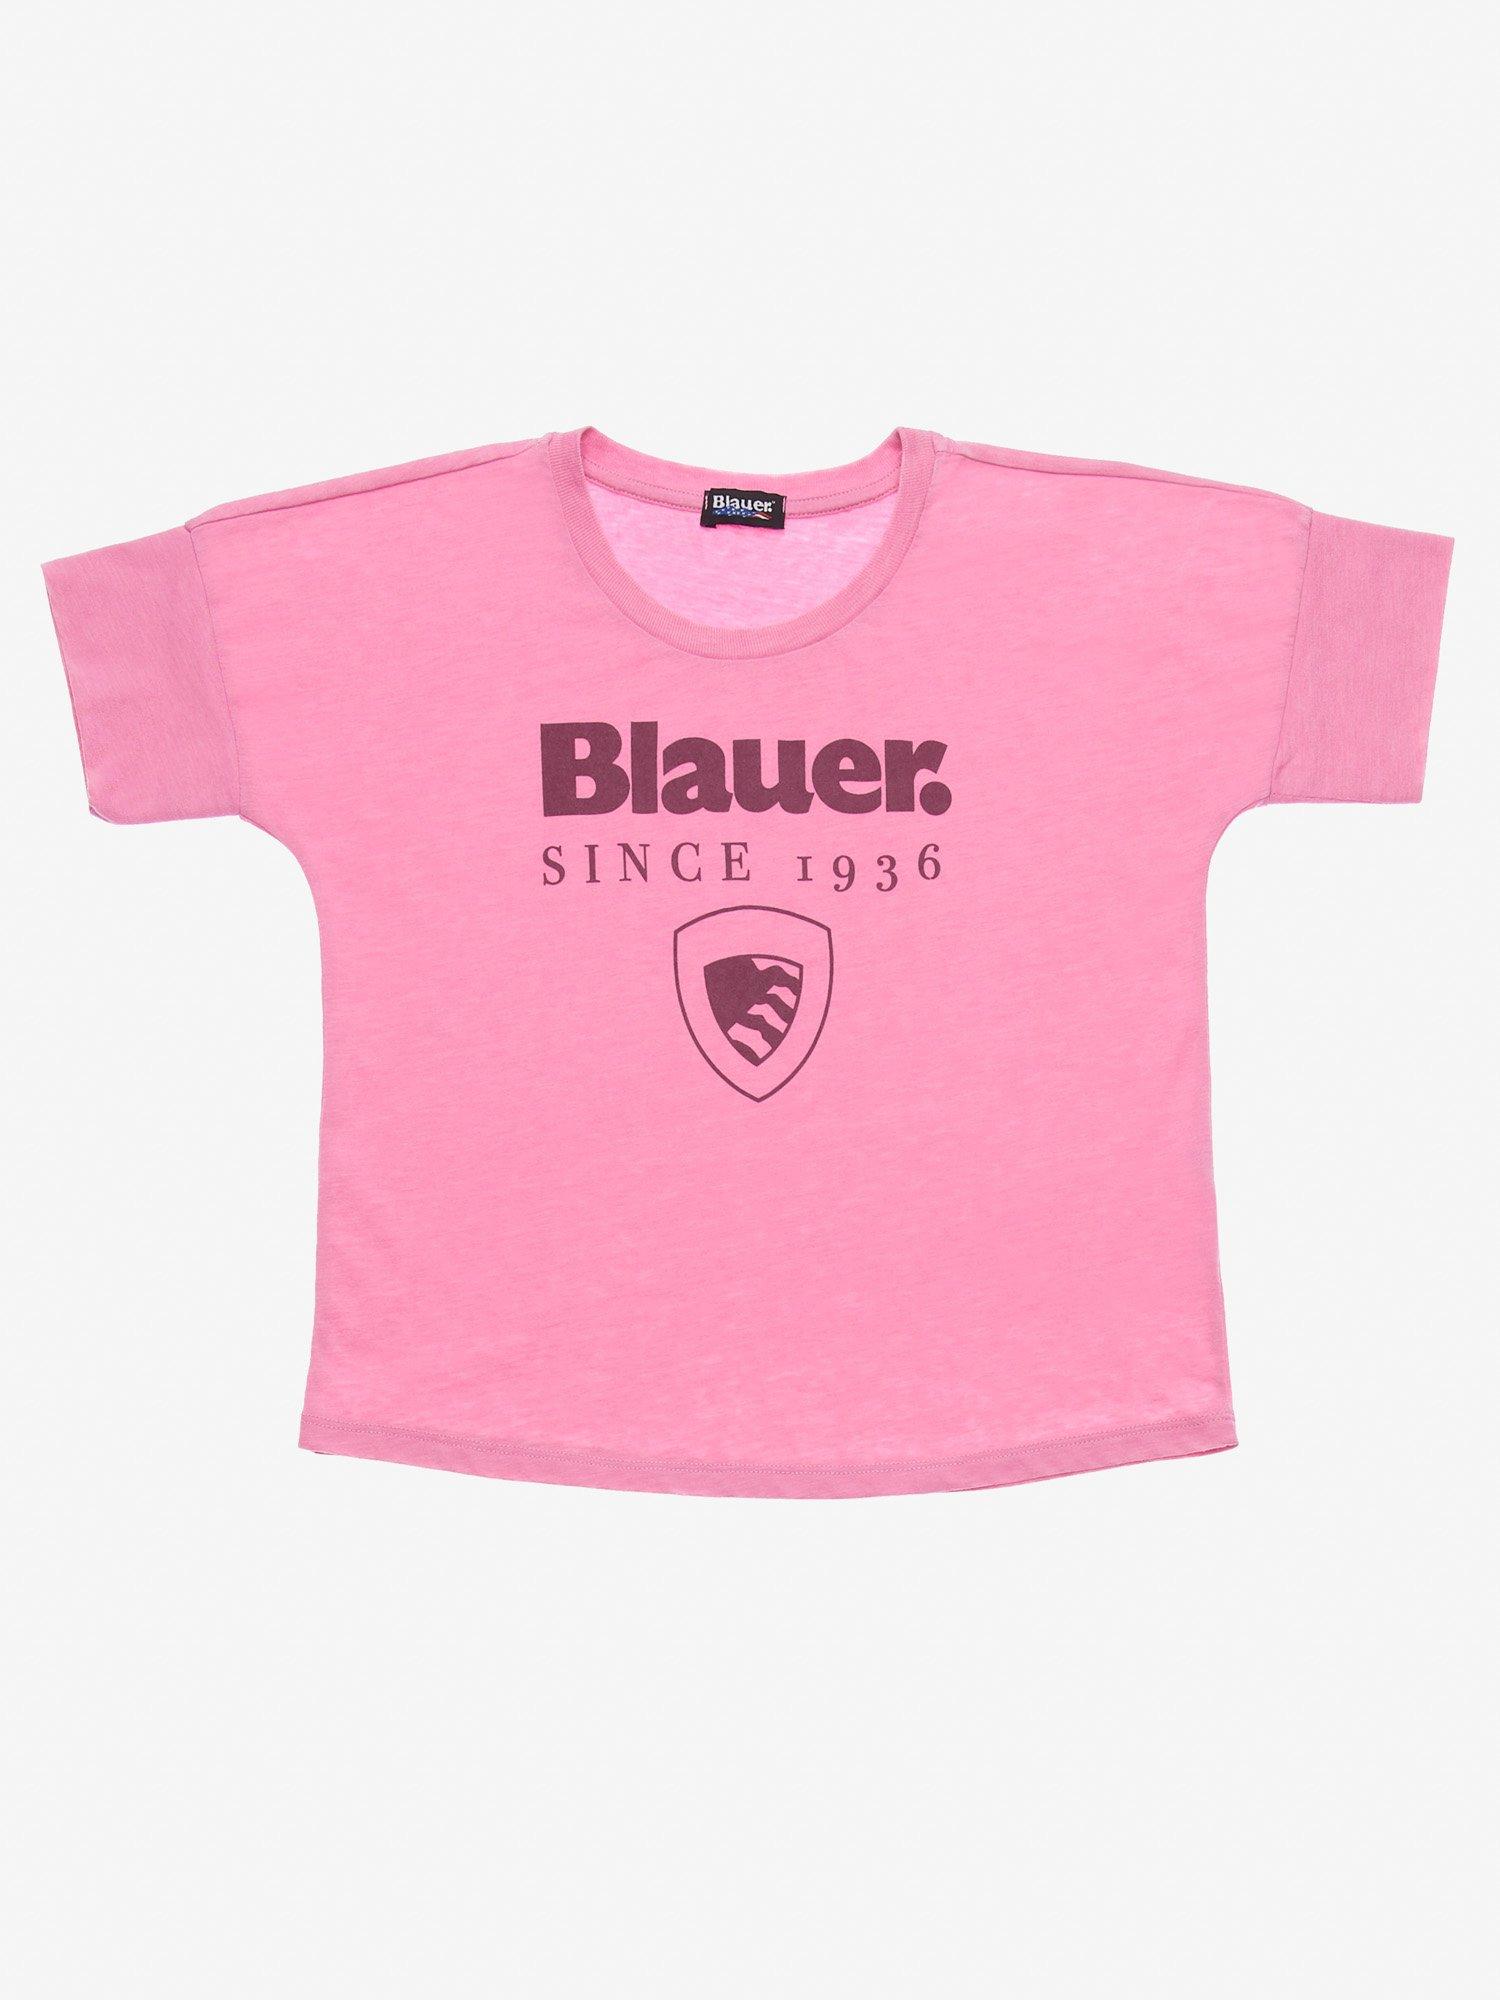 JUNIOR DANCE T-SHIRT - Blauer